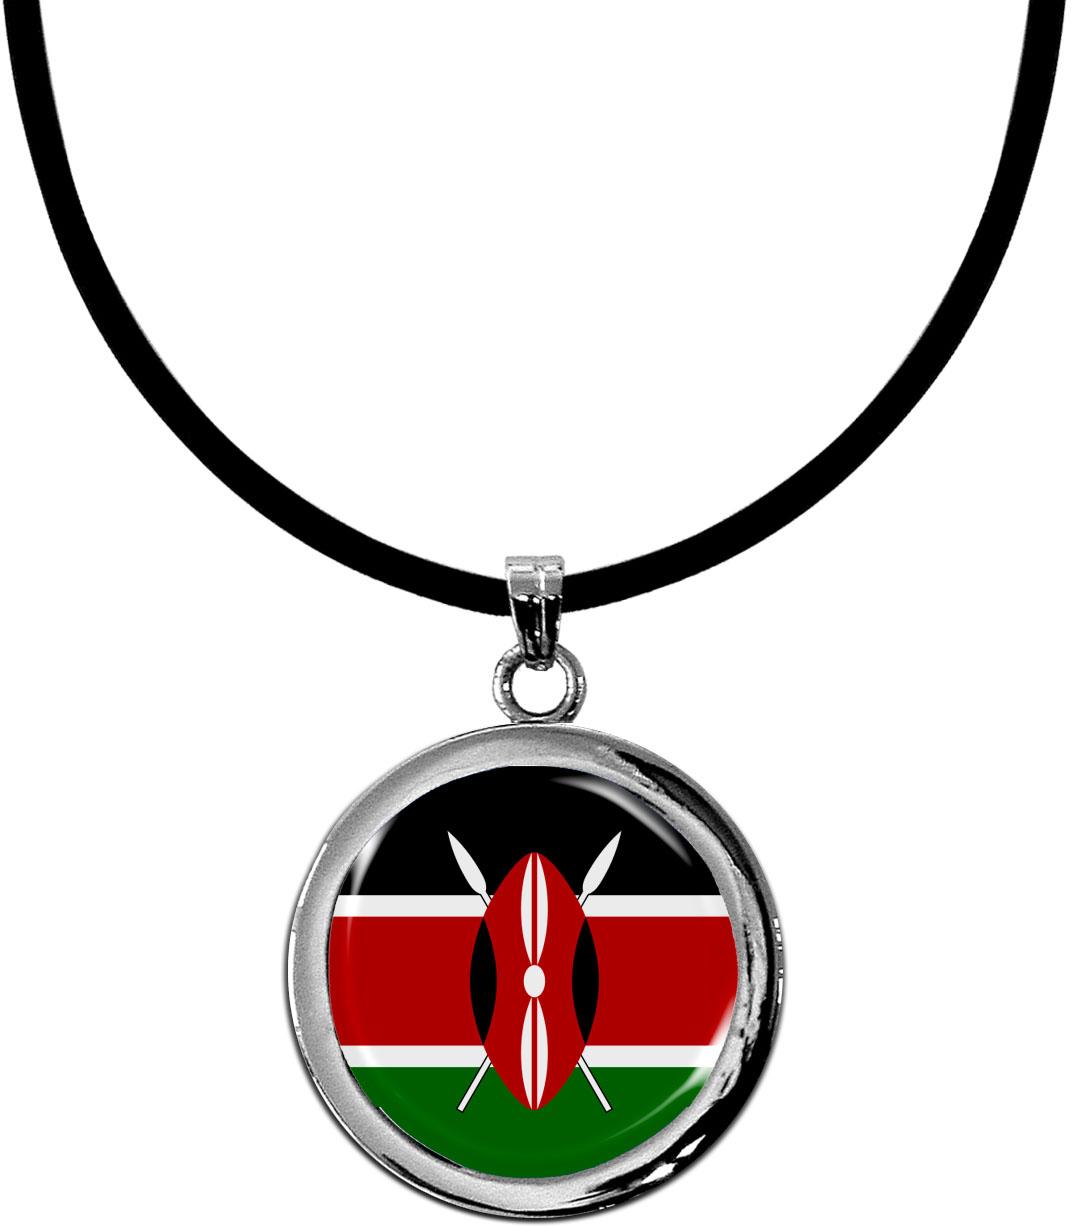 Kettenanhänger / Kenia / Silikonband mit Silberverschluss